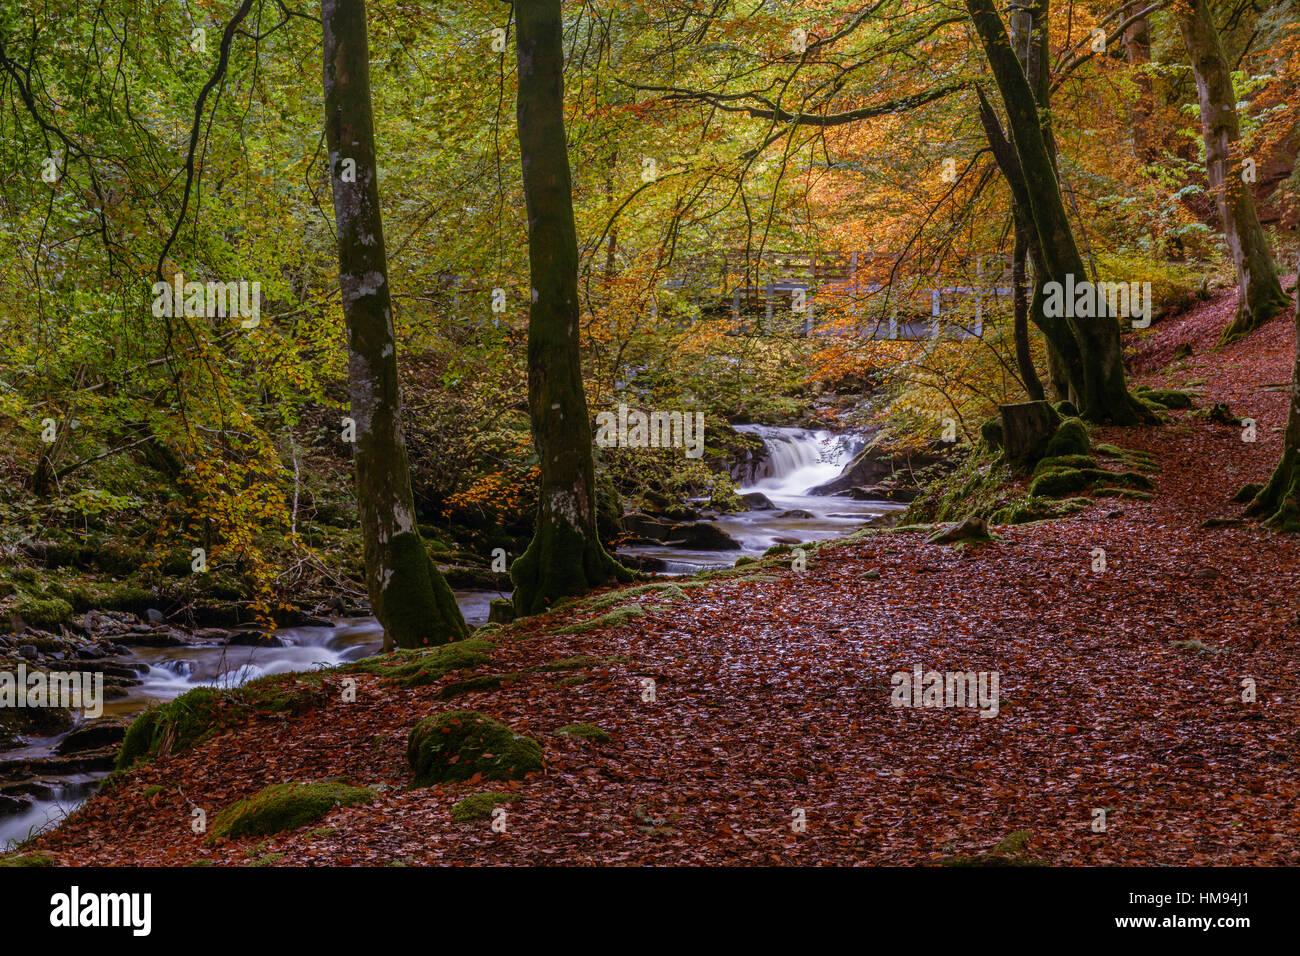 Autumn in the Birks of Aberfeldy, Scottish Highlands, Scotland, United Kingdom - Stock Image